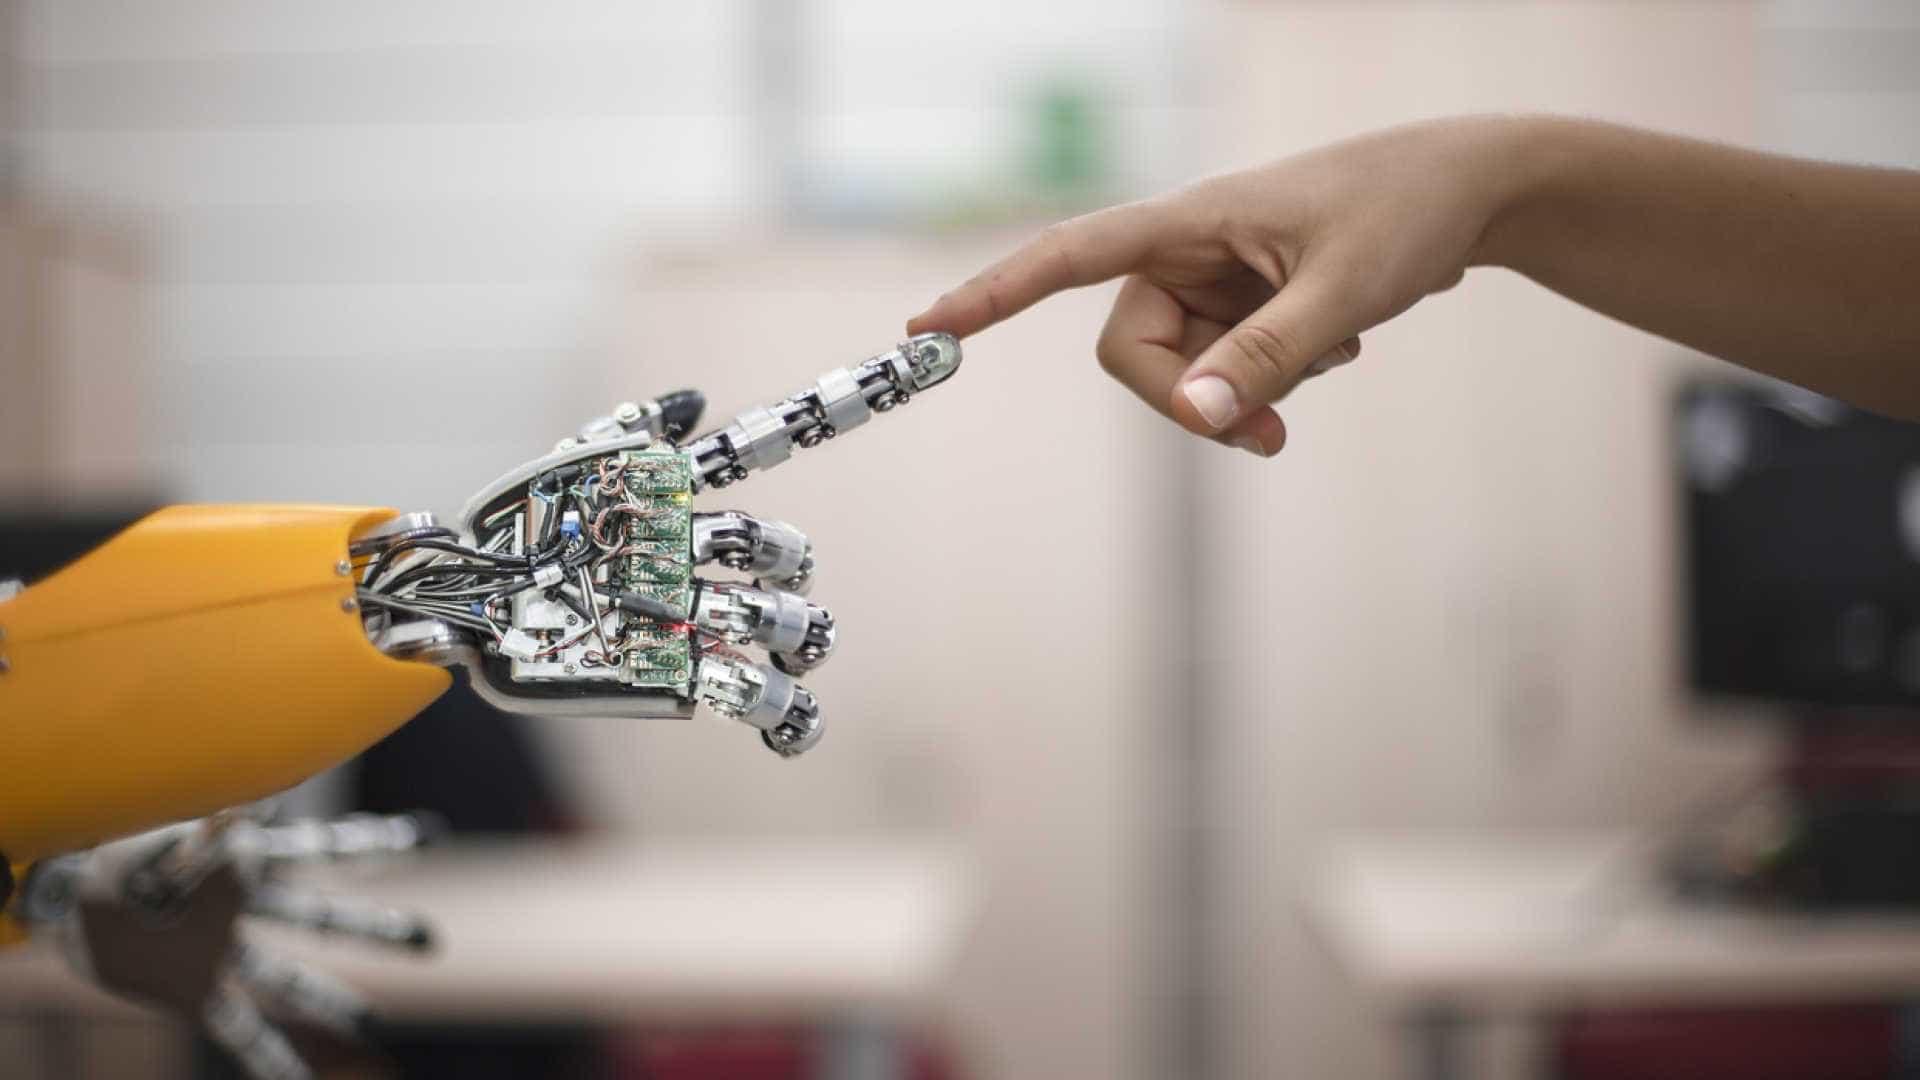 Uso de inteligência artificial na medicina acarreta riscos éticos